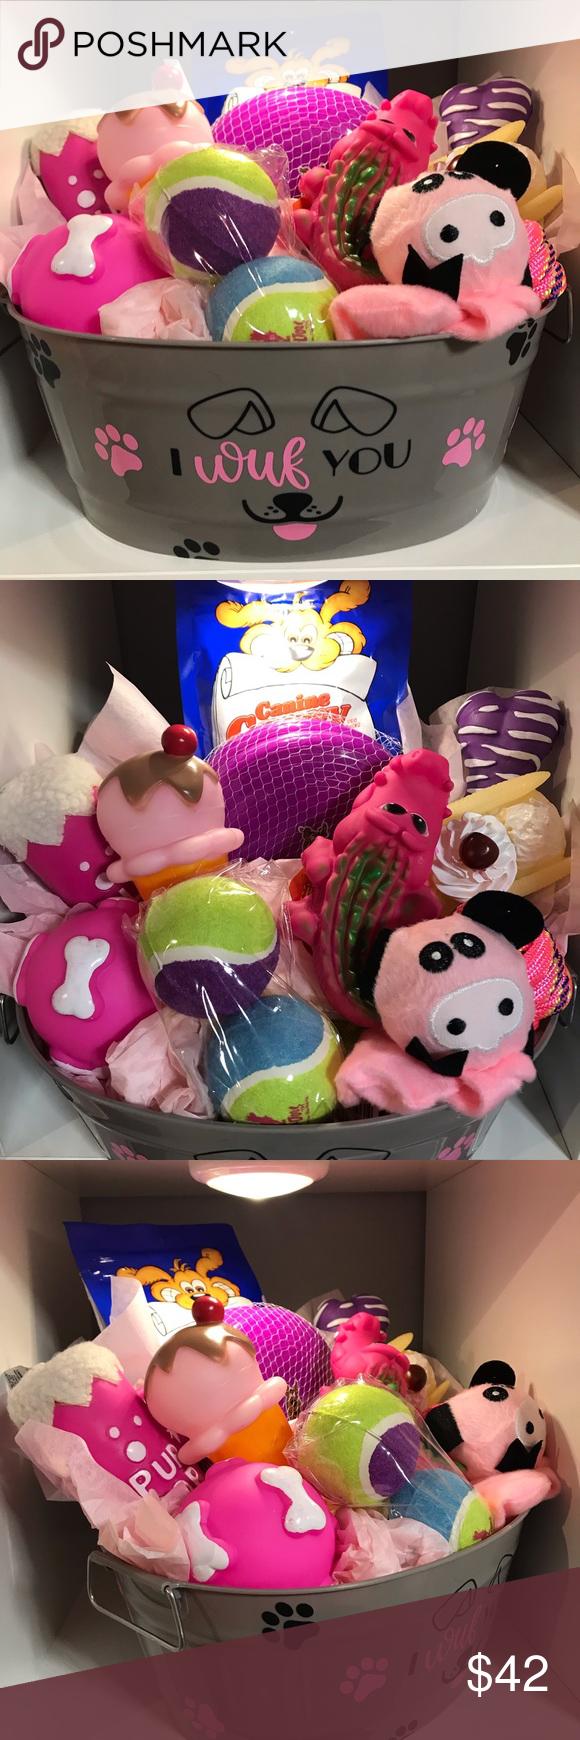 🐾🎄Super Adorable Dog 🐶 Gift Basket 🐾🎄 Spoil ur ur pets this holid...  #adorable #basket #dog #gift #holid #Pets #Spoil #Super